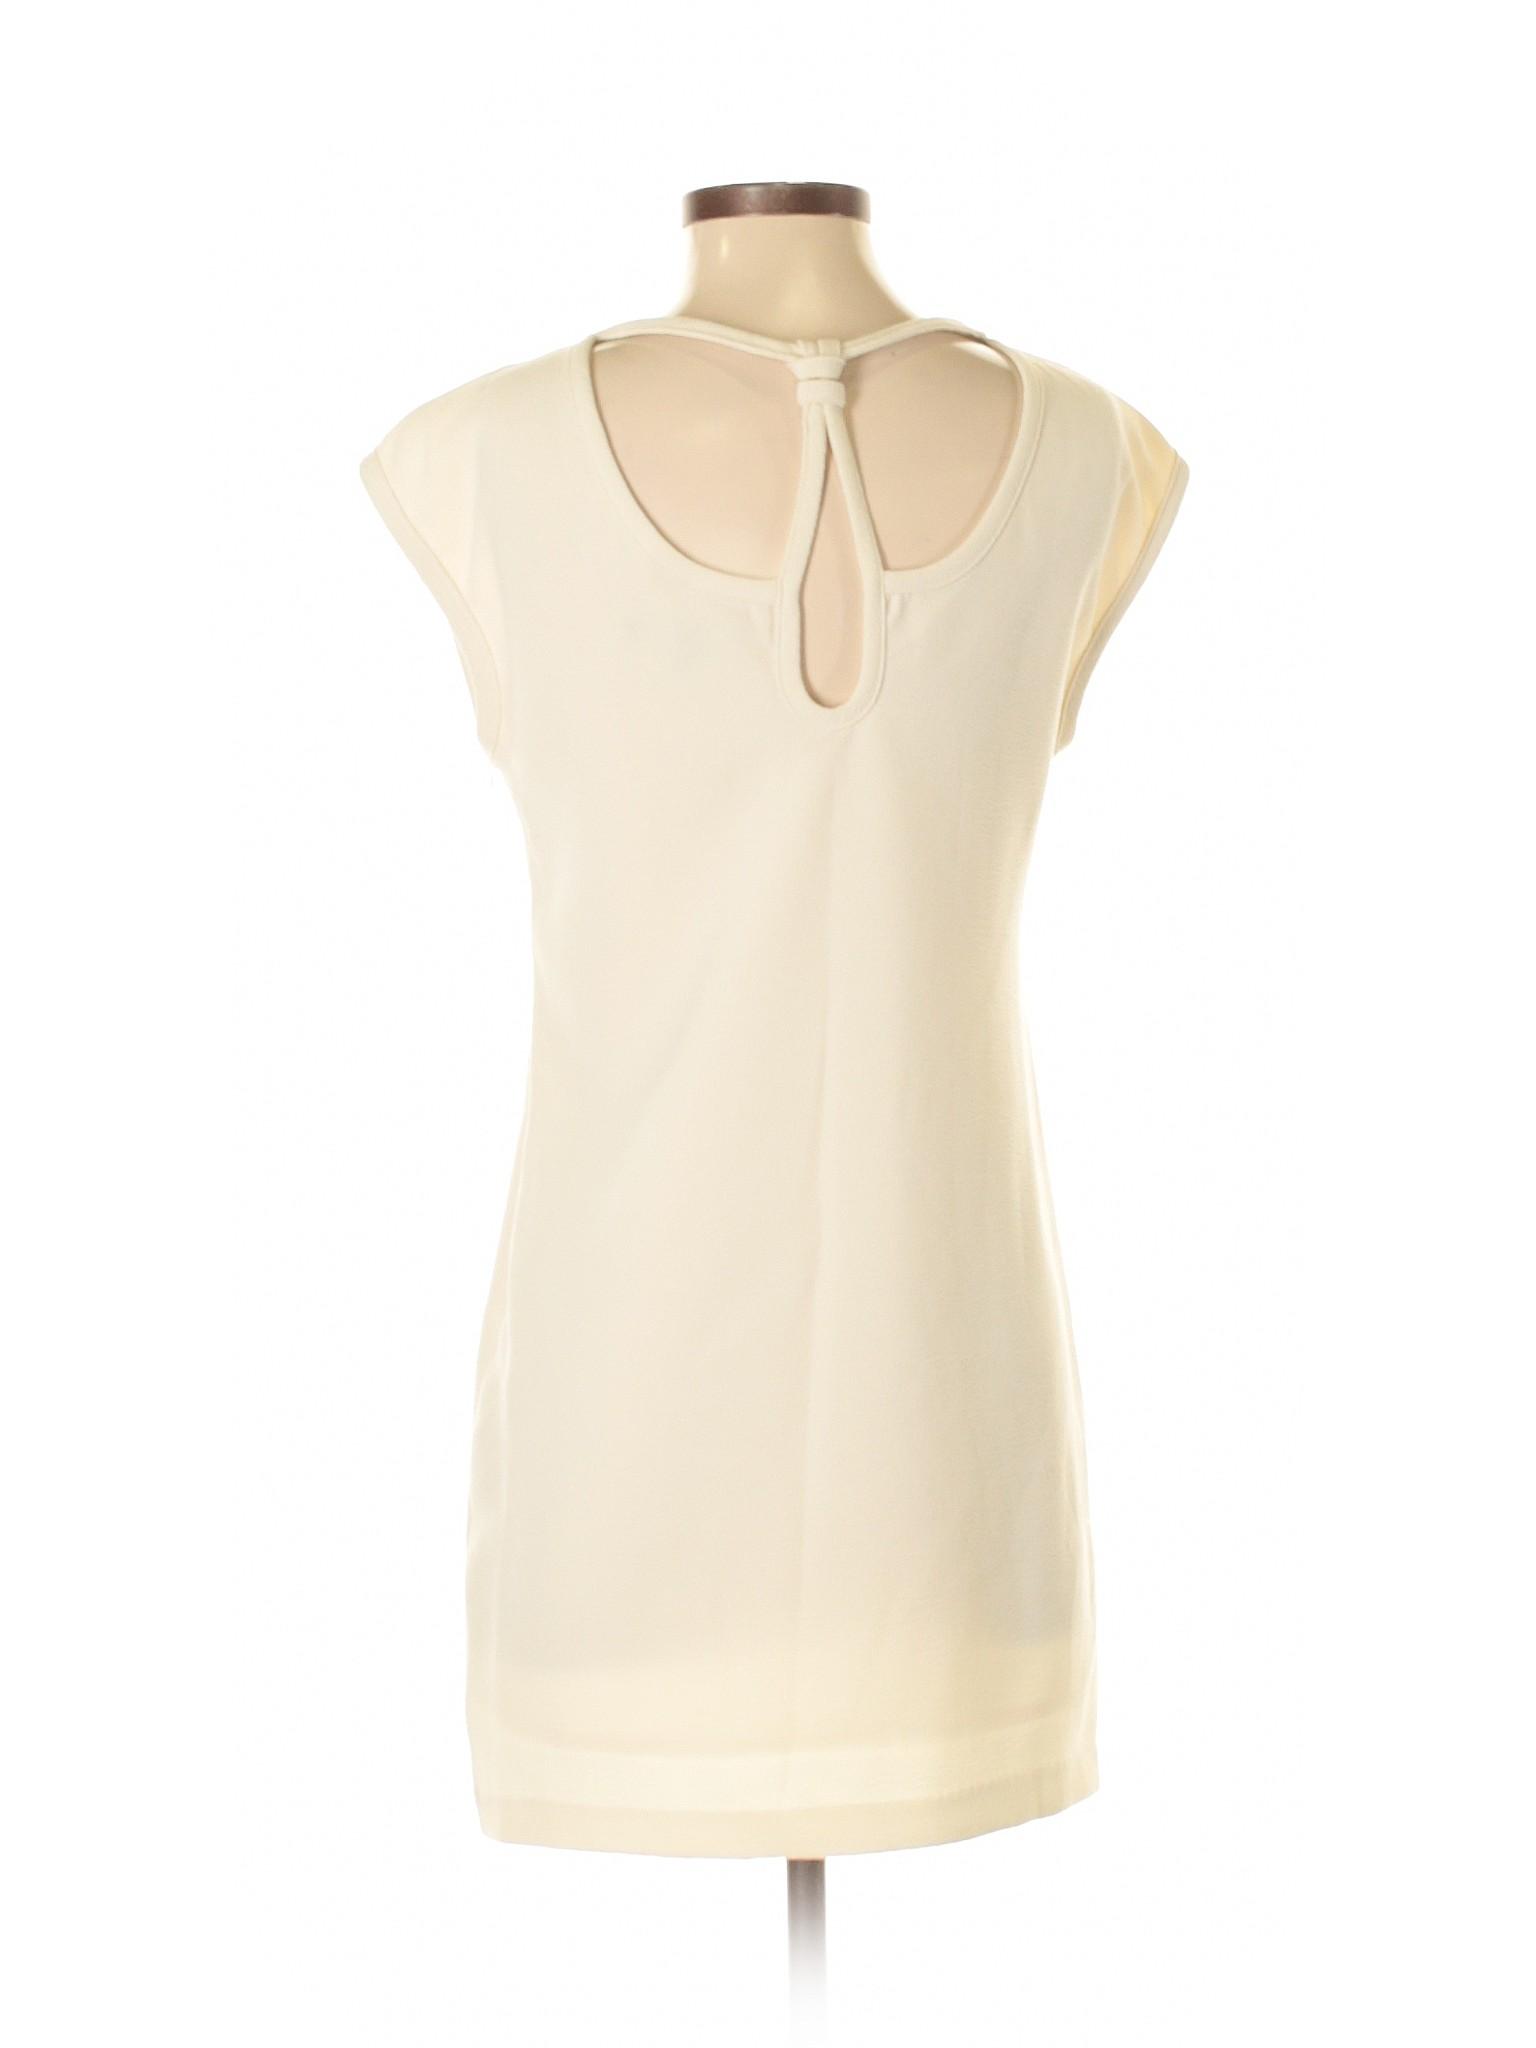 Winter Club Monaco Dress Casual Boutique aPqSRx